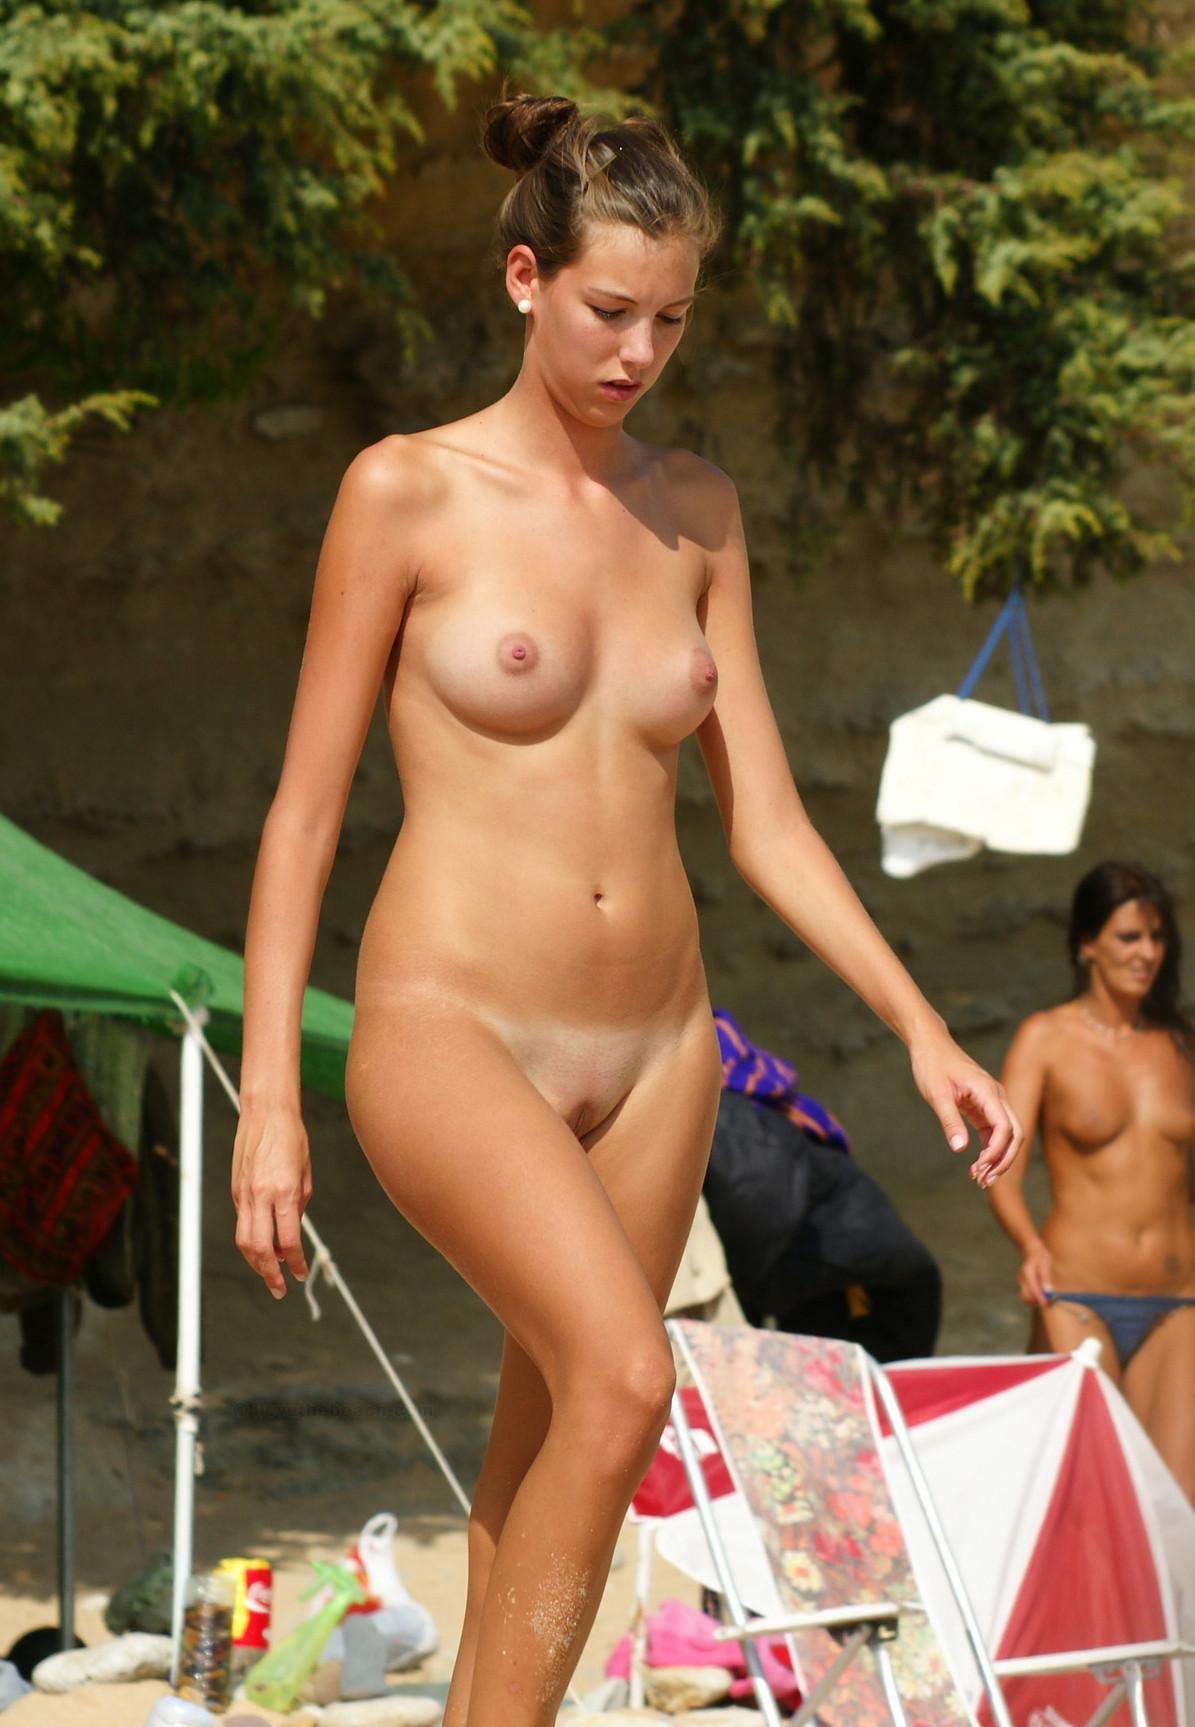 nudists-girls-boobs-beach-topless-mix-vol7-31